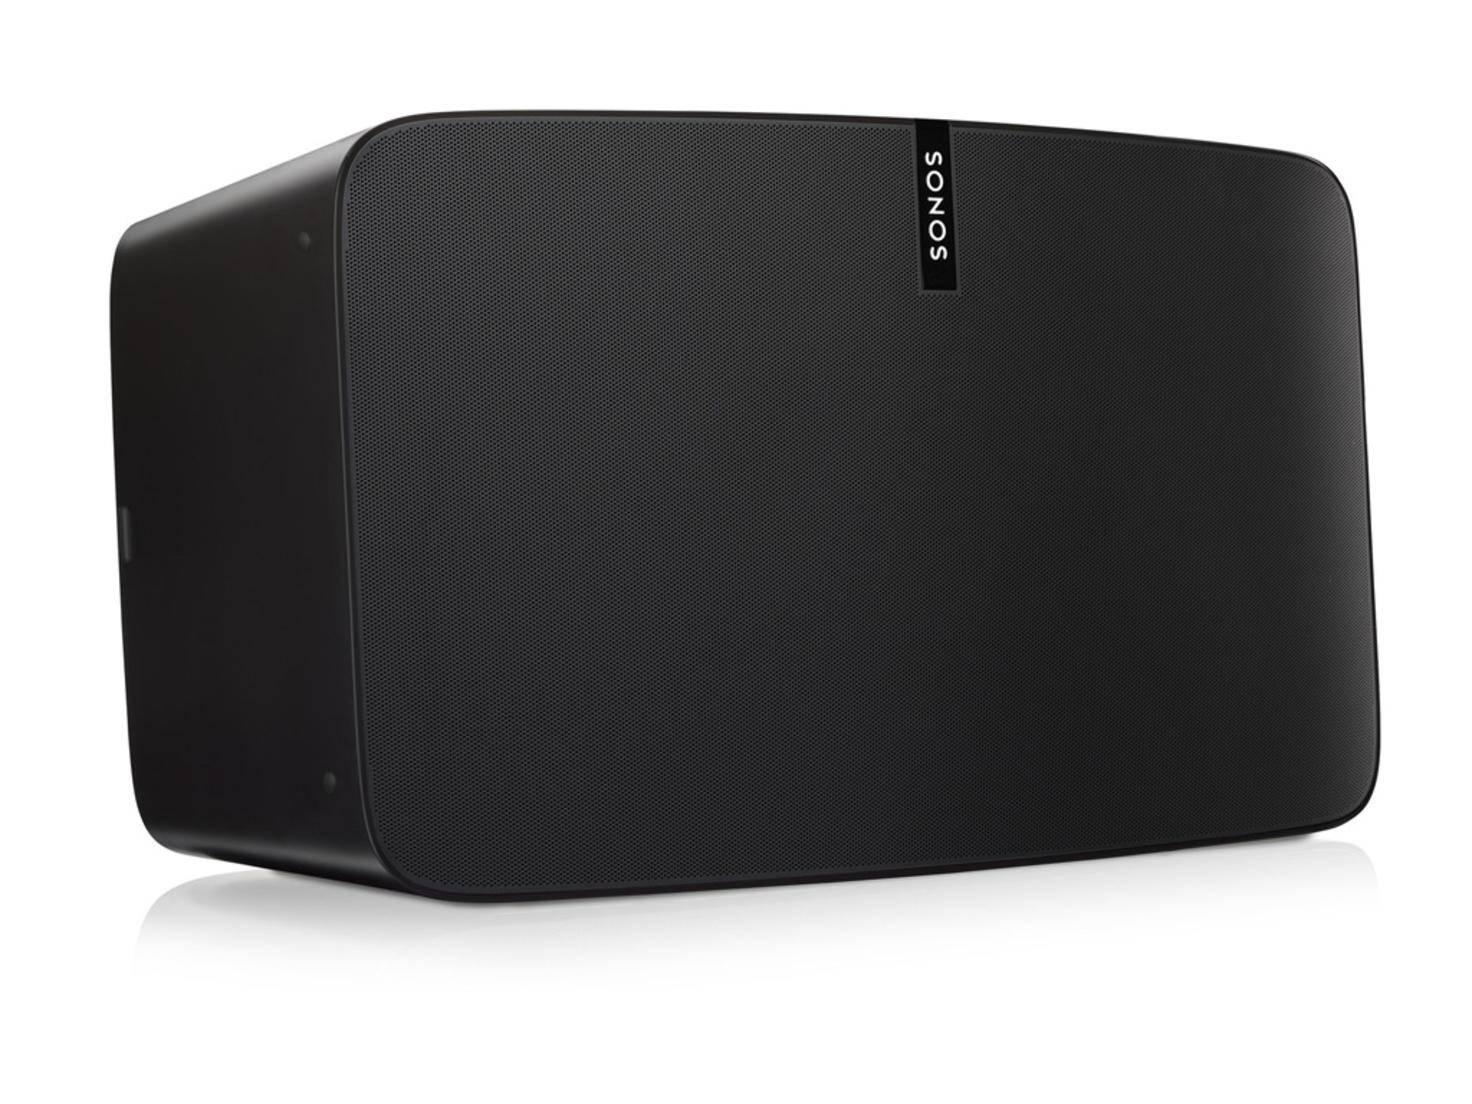 Der neue Speaker PLAY:5 profitiert ebenfalls von Trueplay.